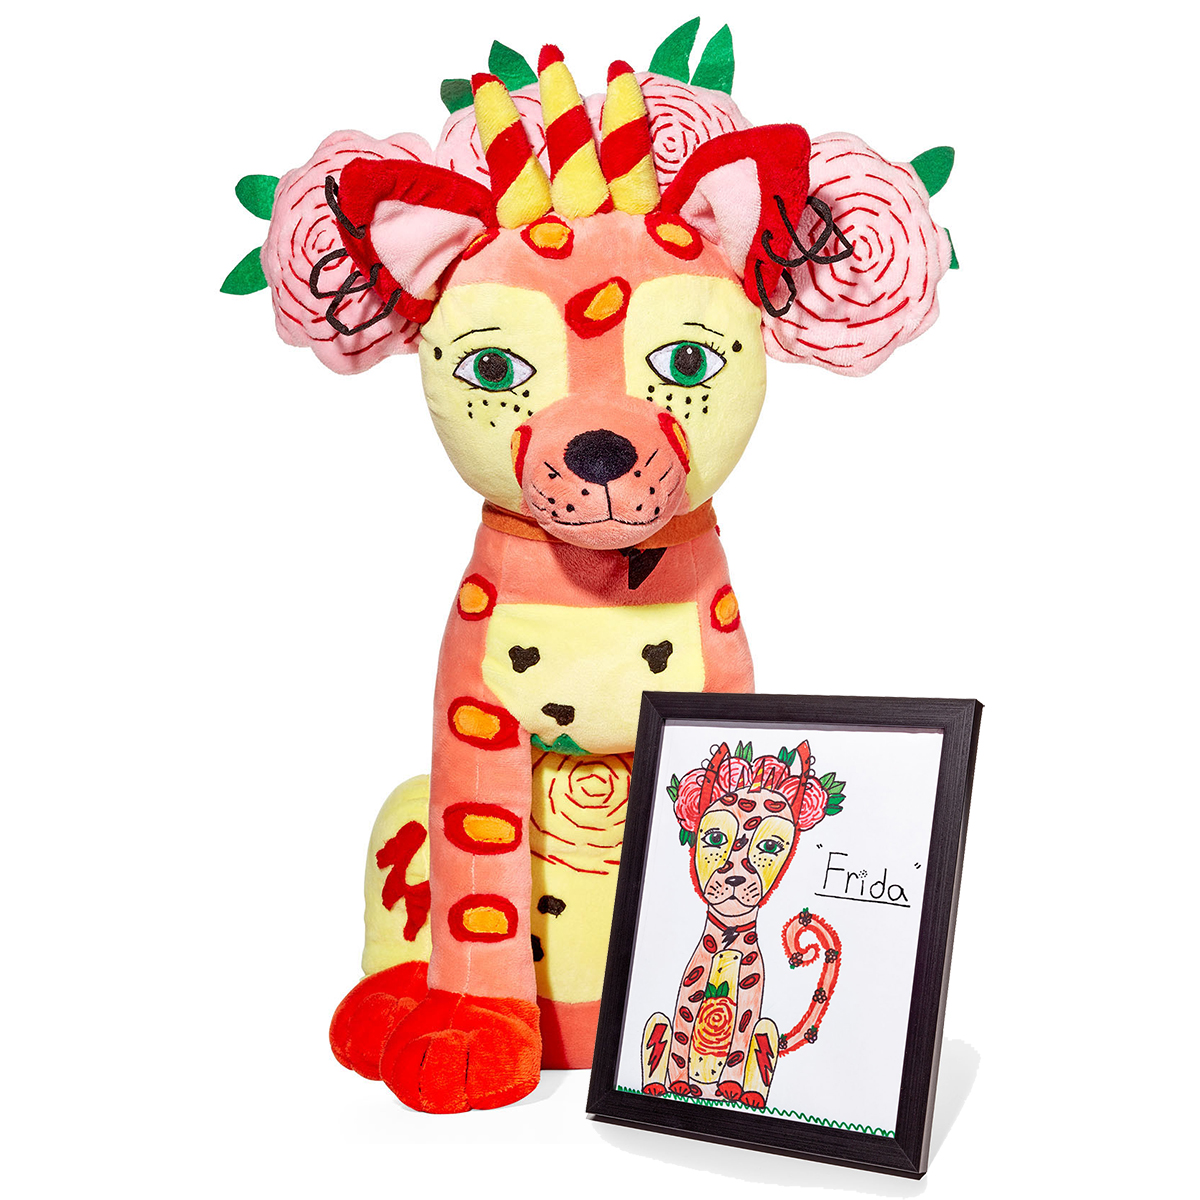 budsies drawing and stuffed animal